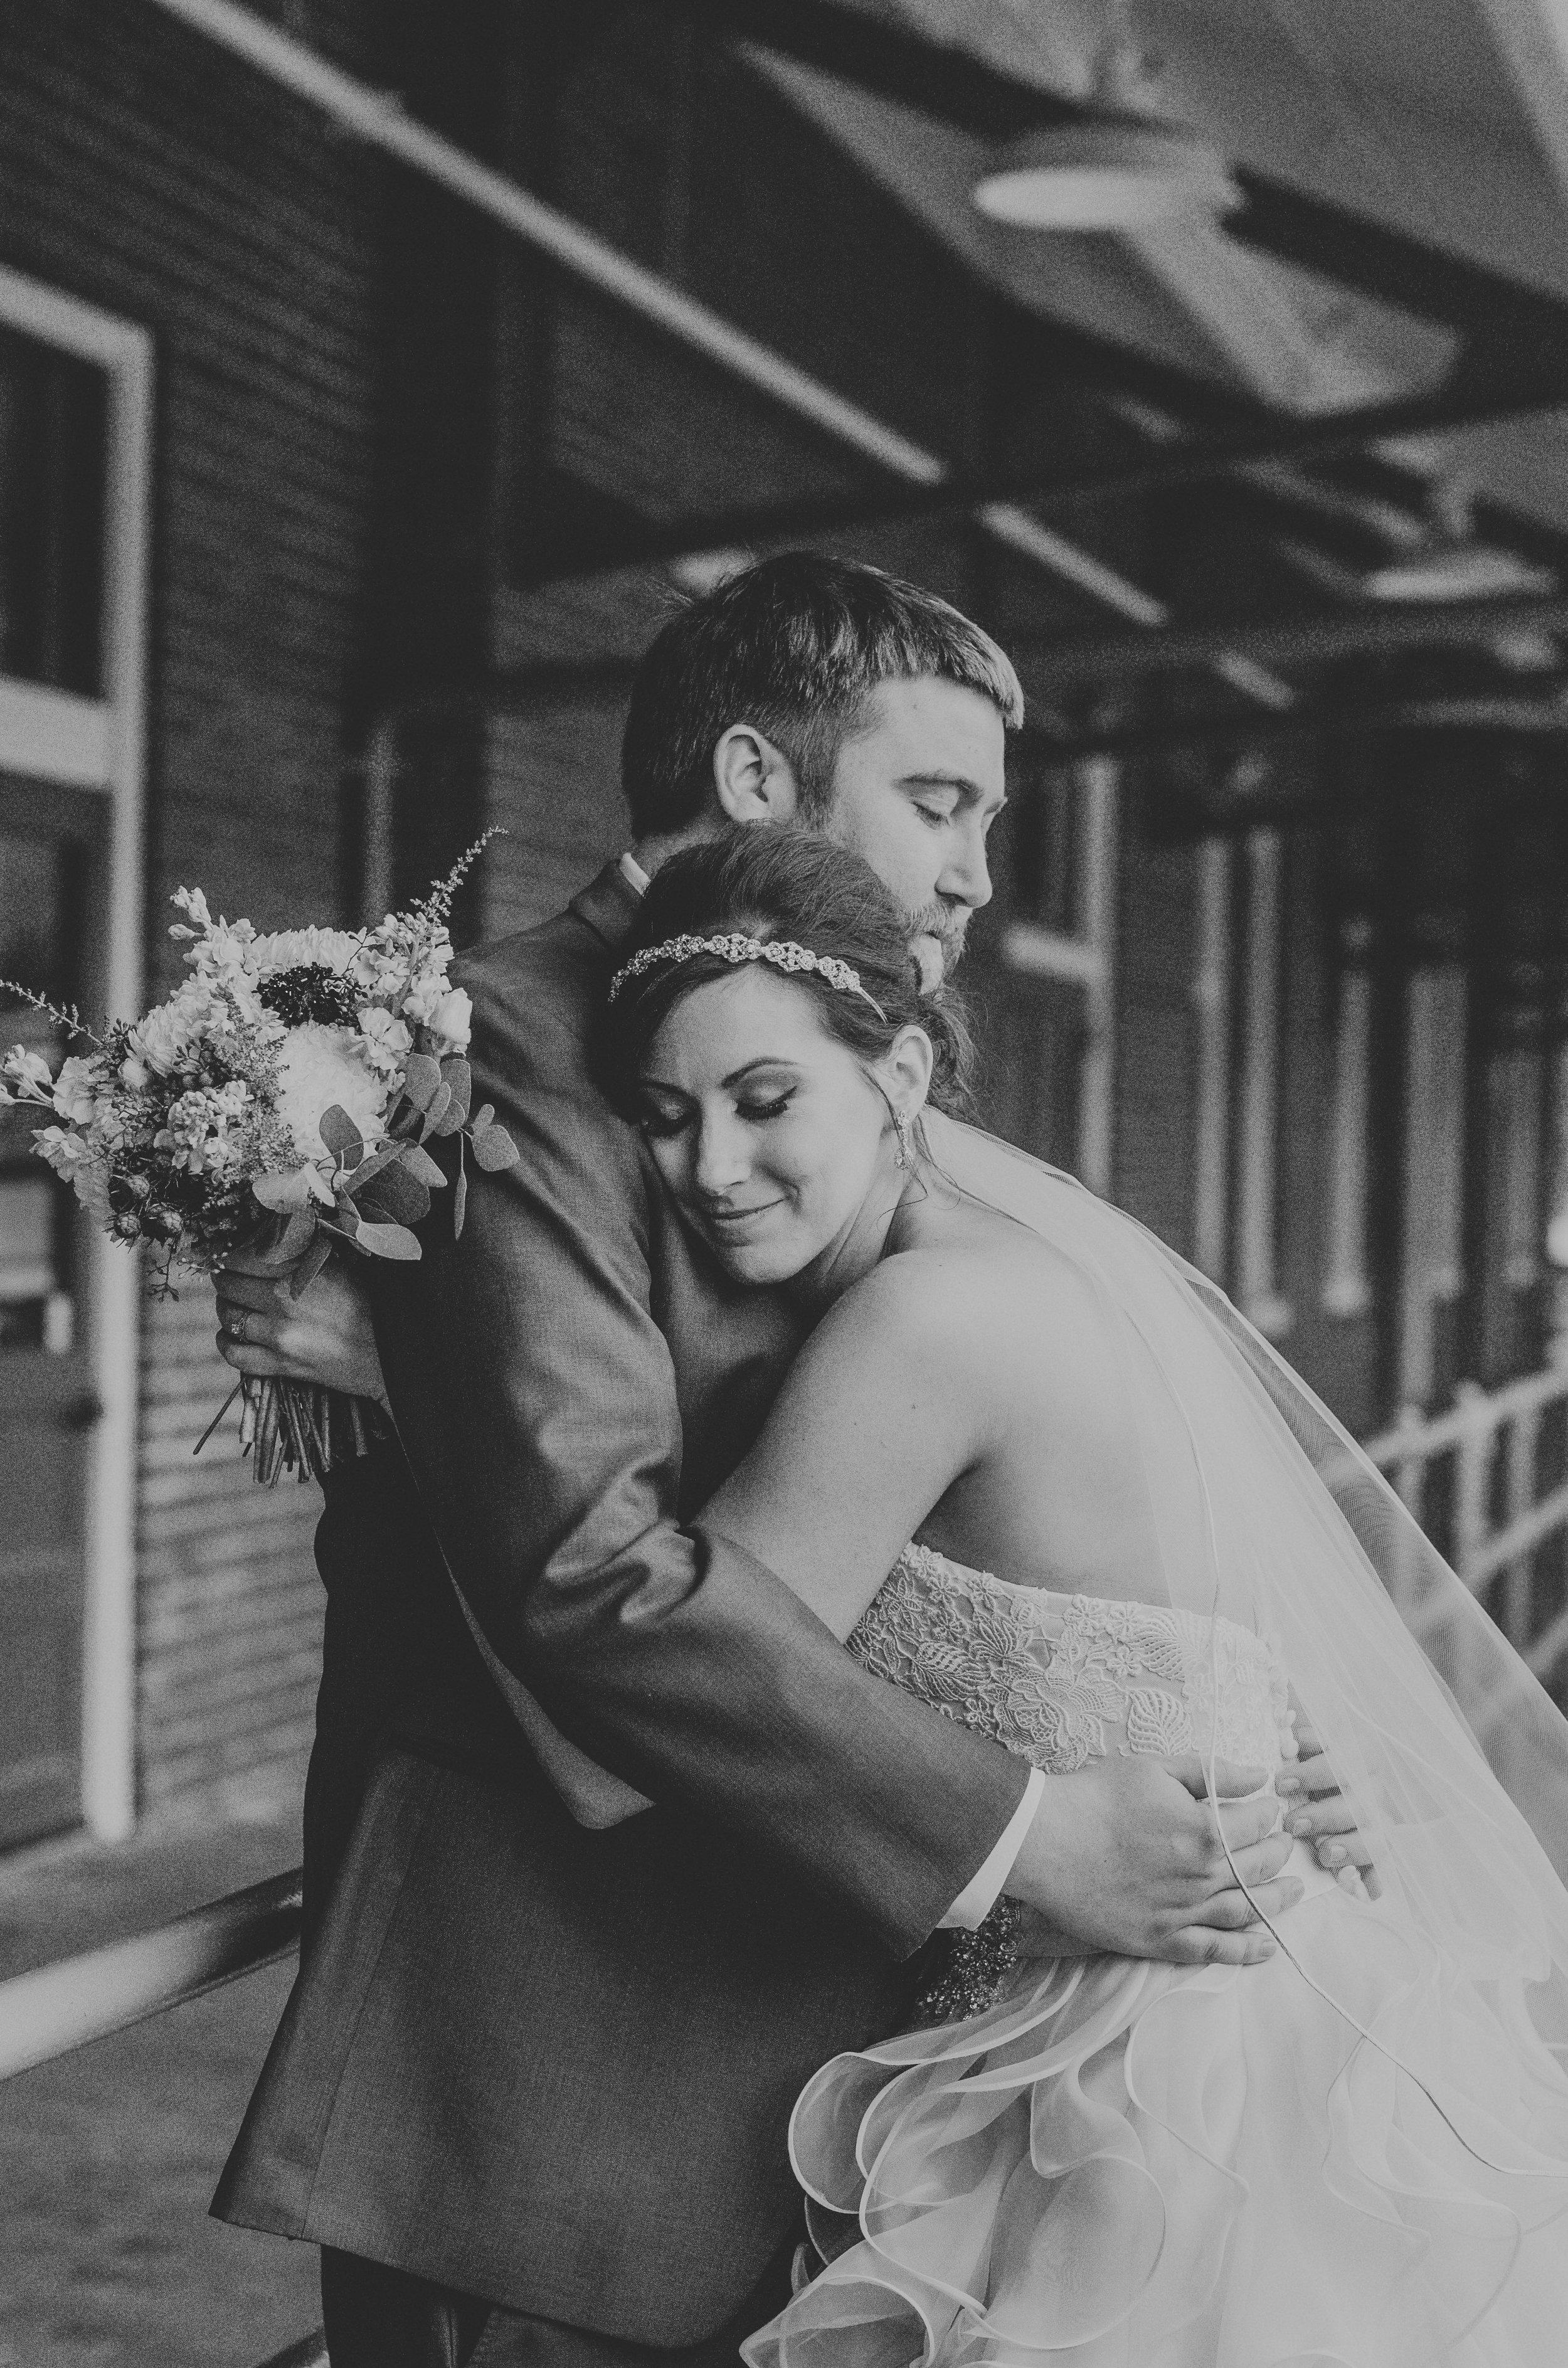 North Carolina Bride and wedding